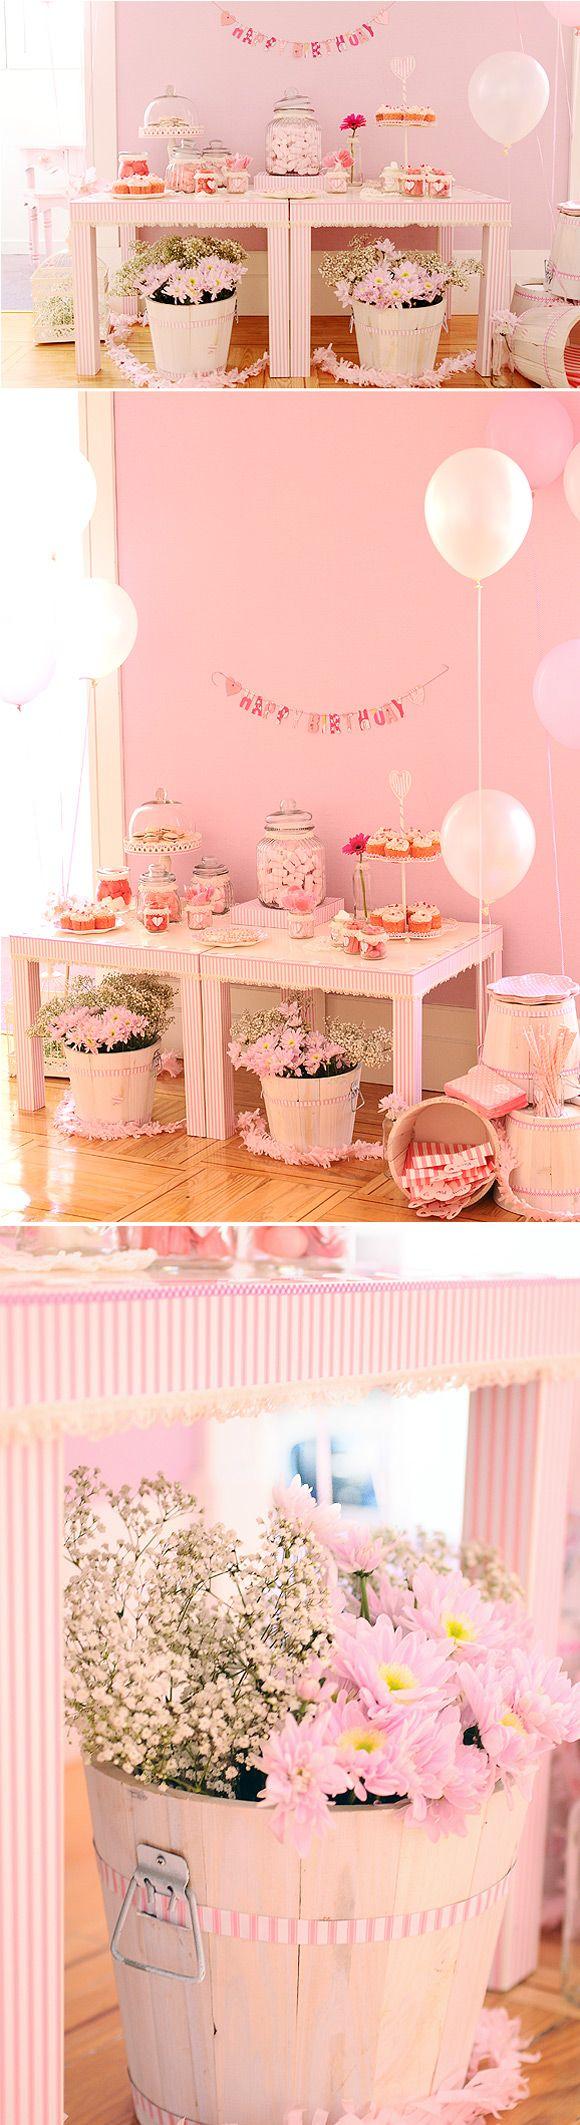 Decoración de una fiesta de cumpleaños muy rosa